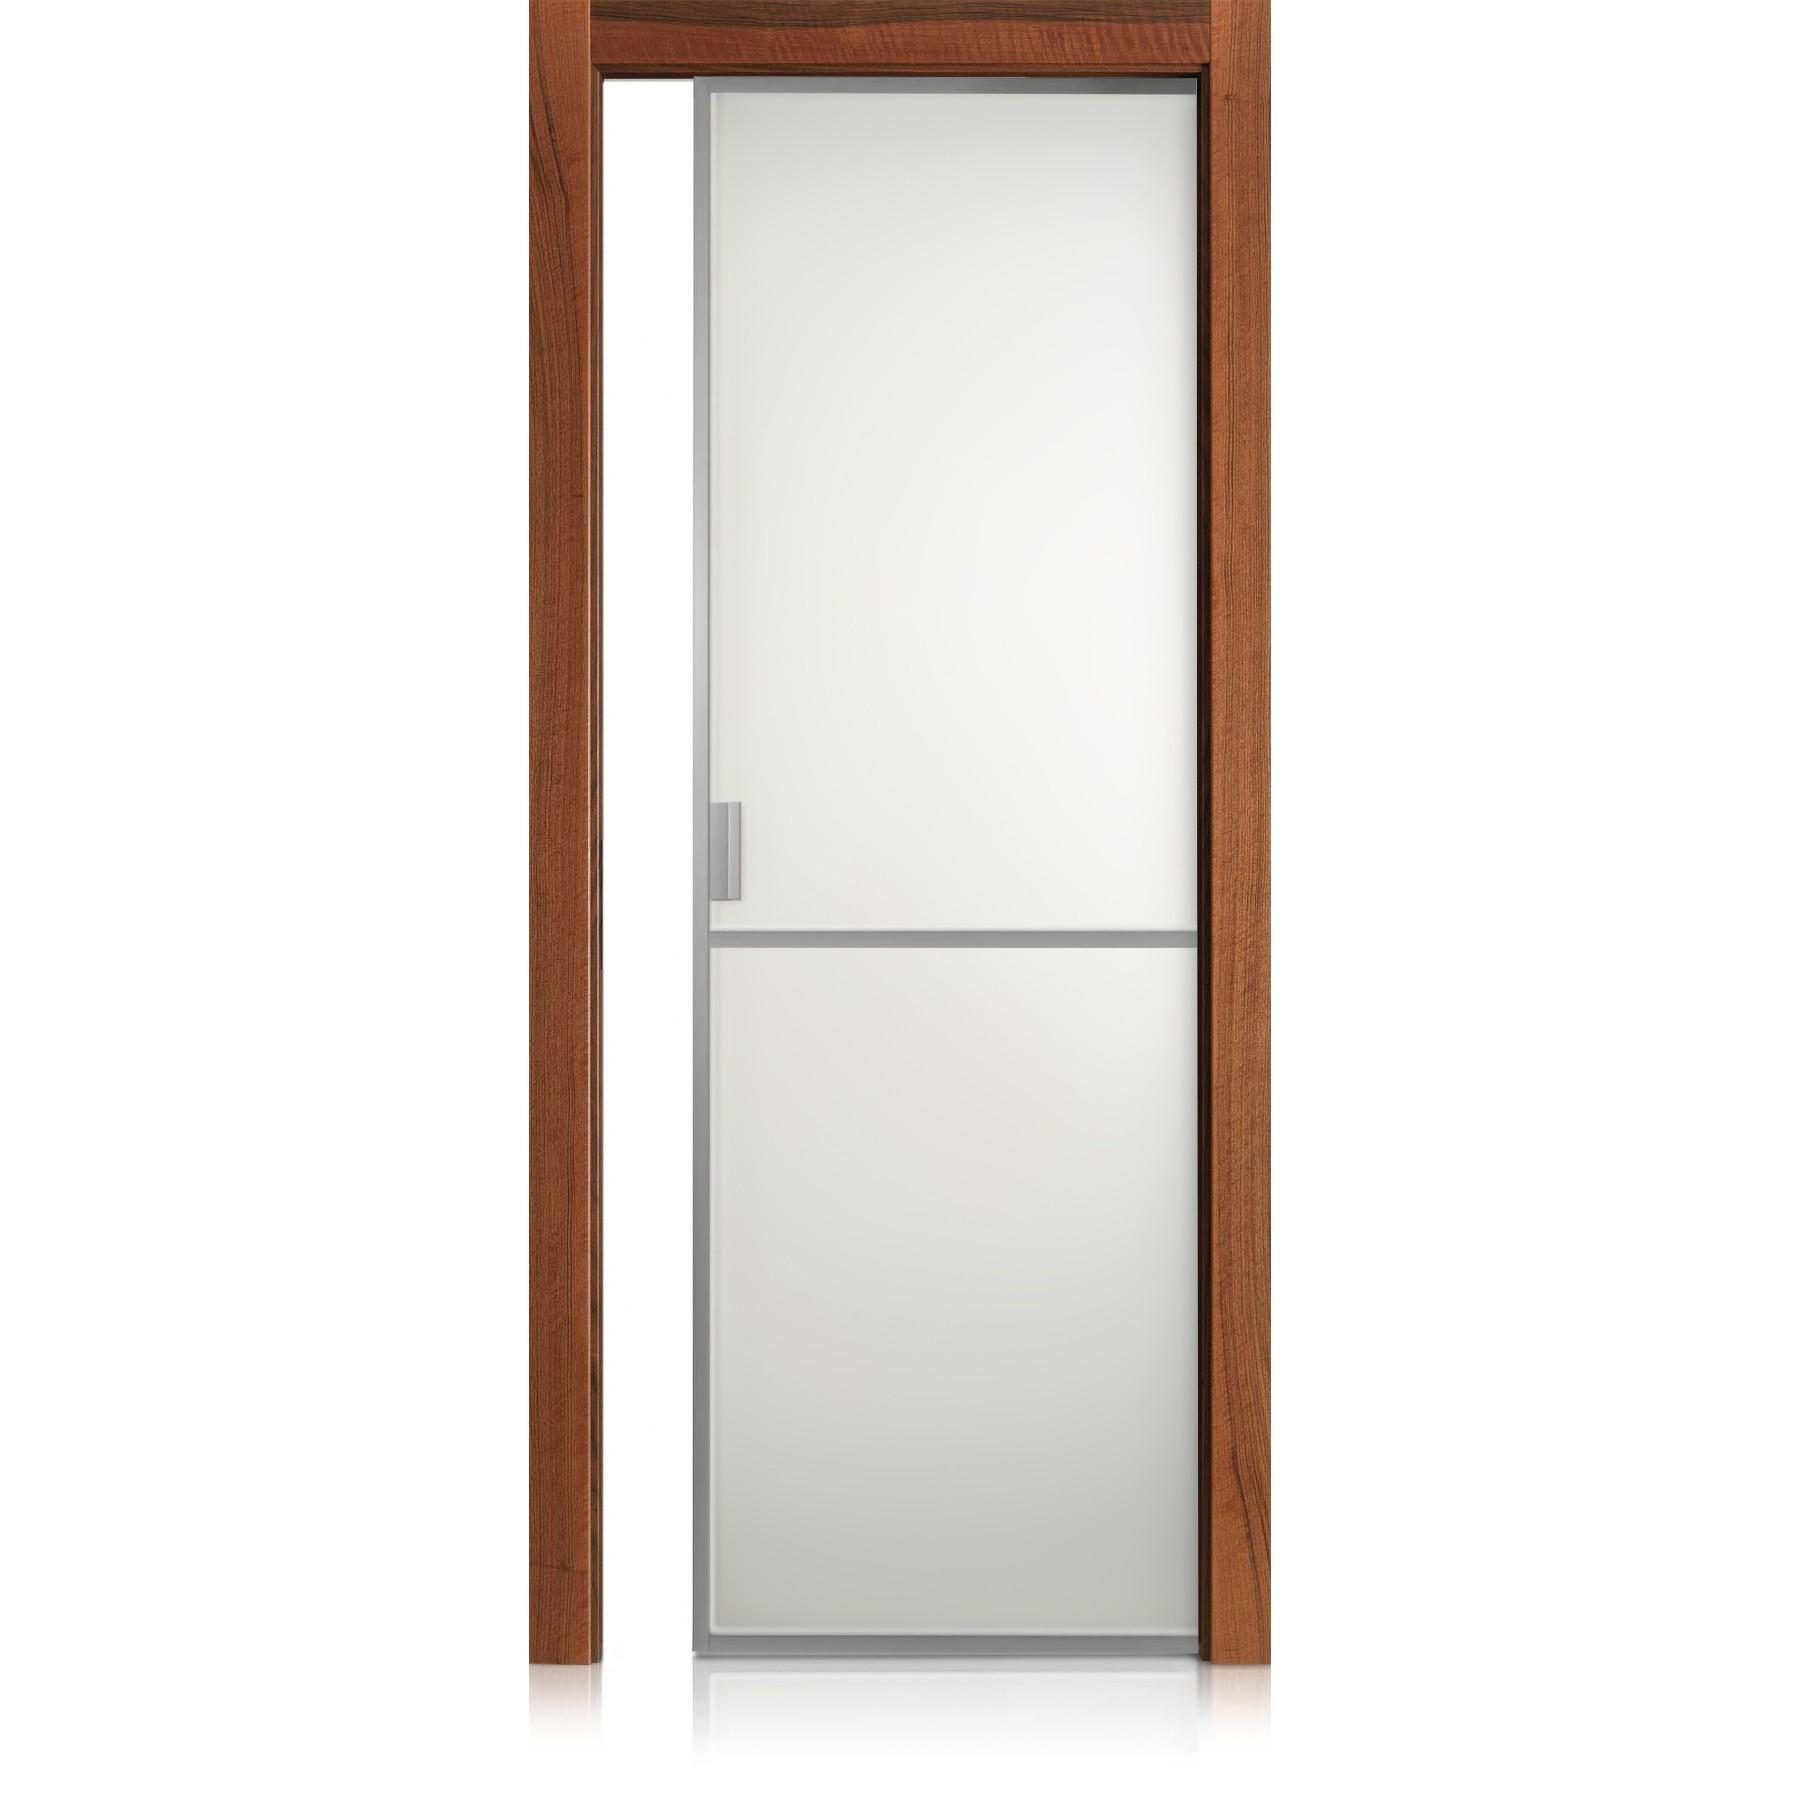 Cristal Frame / 1 noce nazionale door